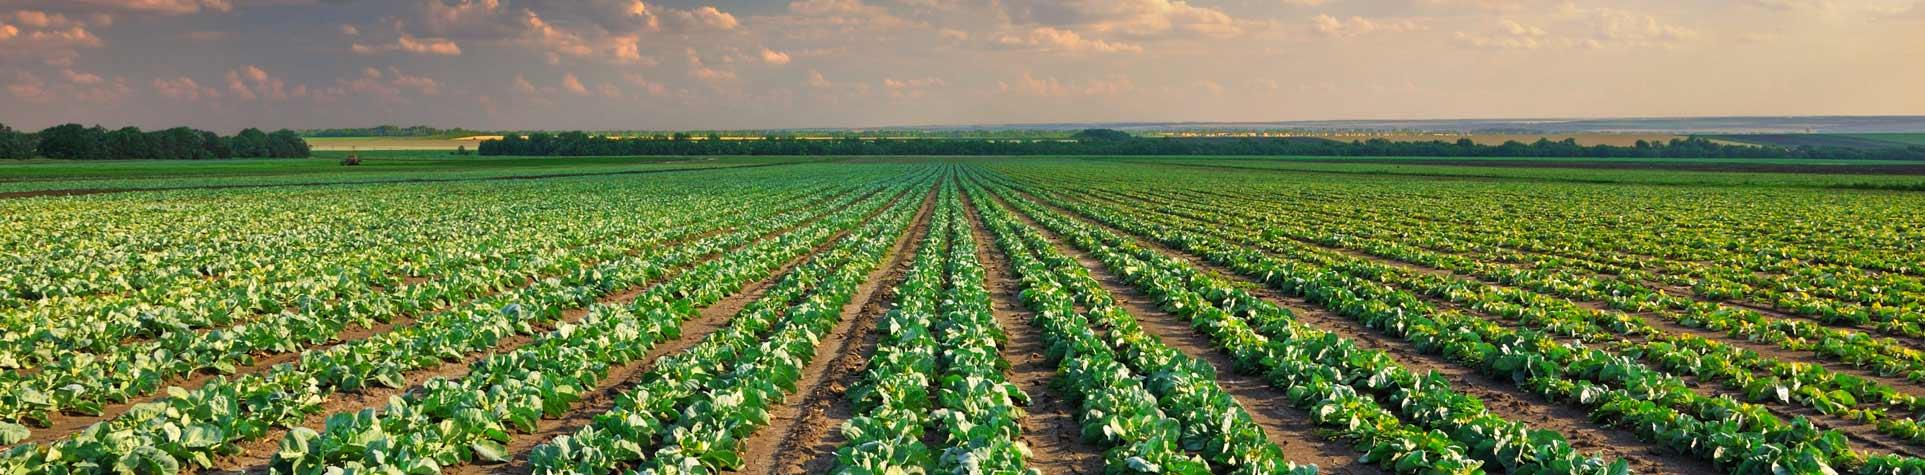 Oferta para la empresa agrícola